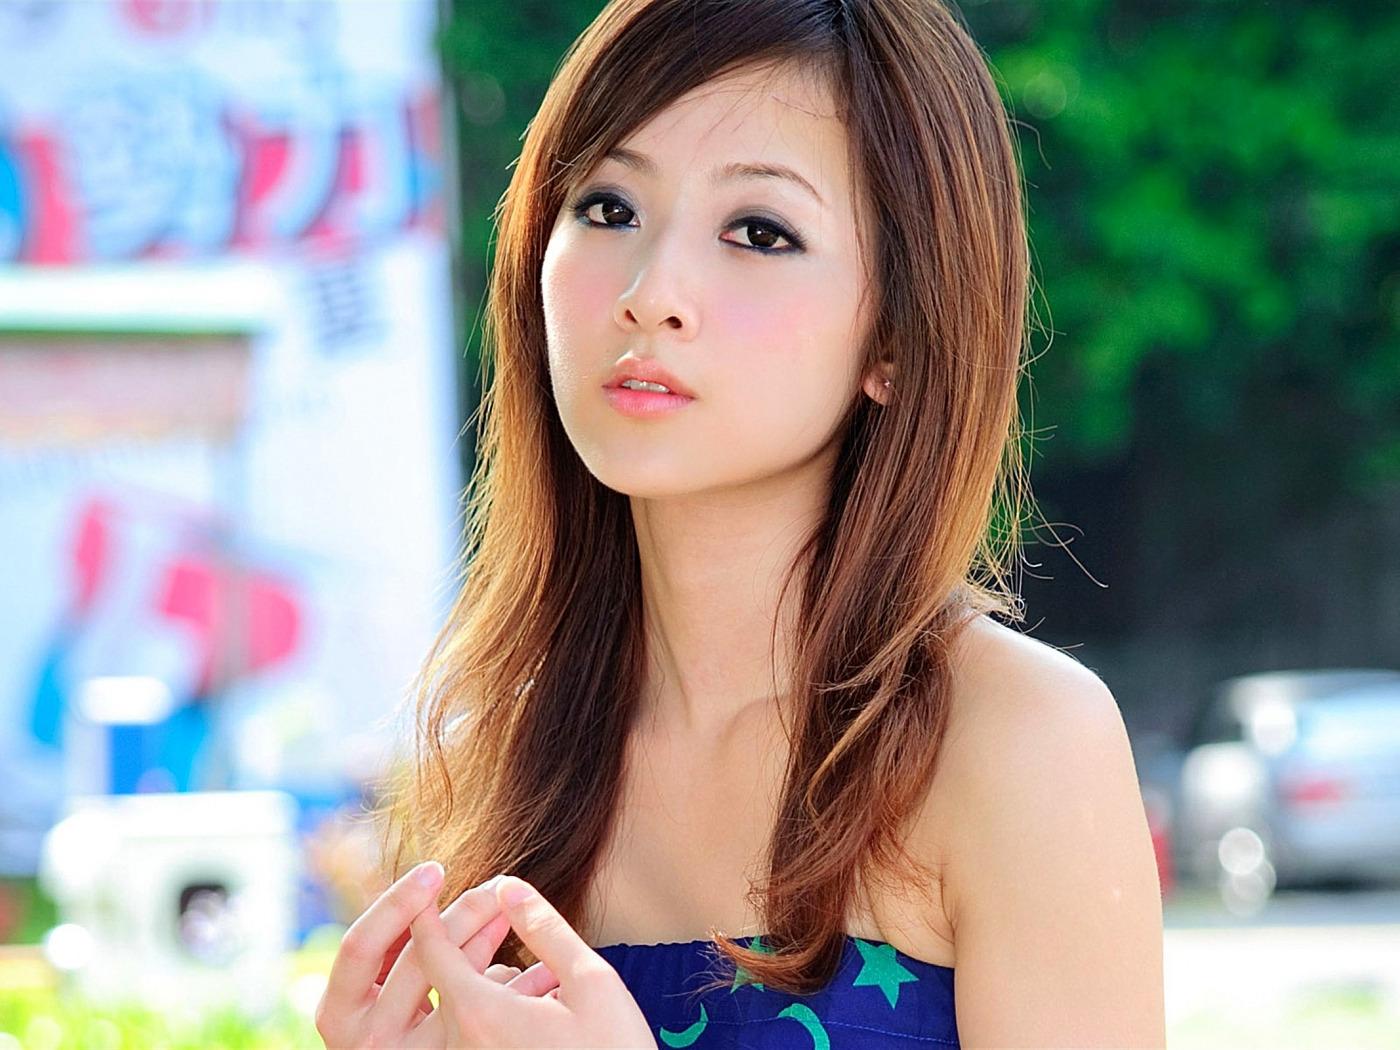 Japan model girl video 12